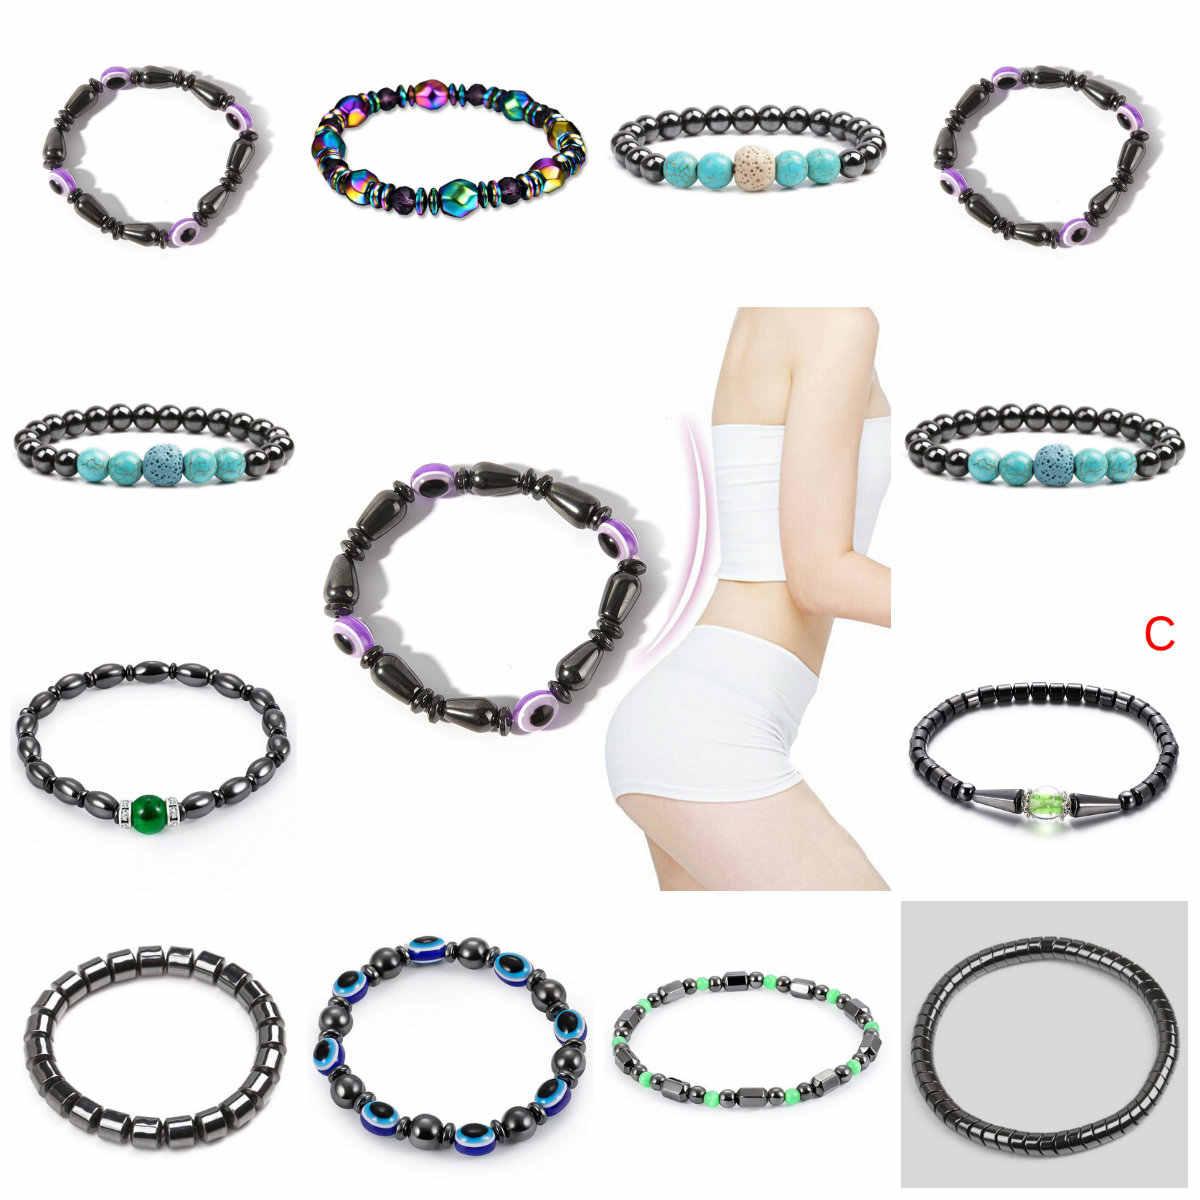 18 стиль мода похудение браслет для магнитотерапии здоровье роскошный похудение снижение жира продукт